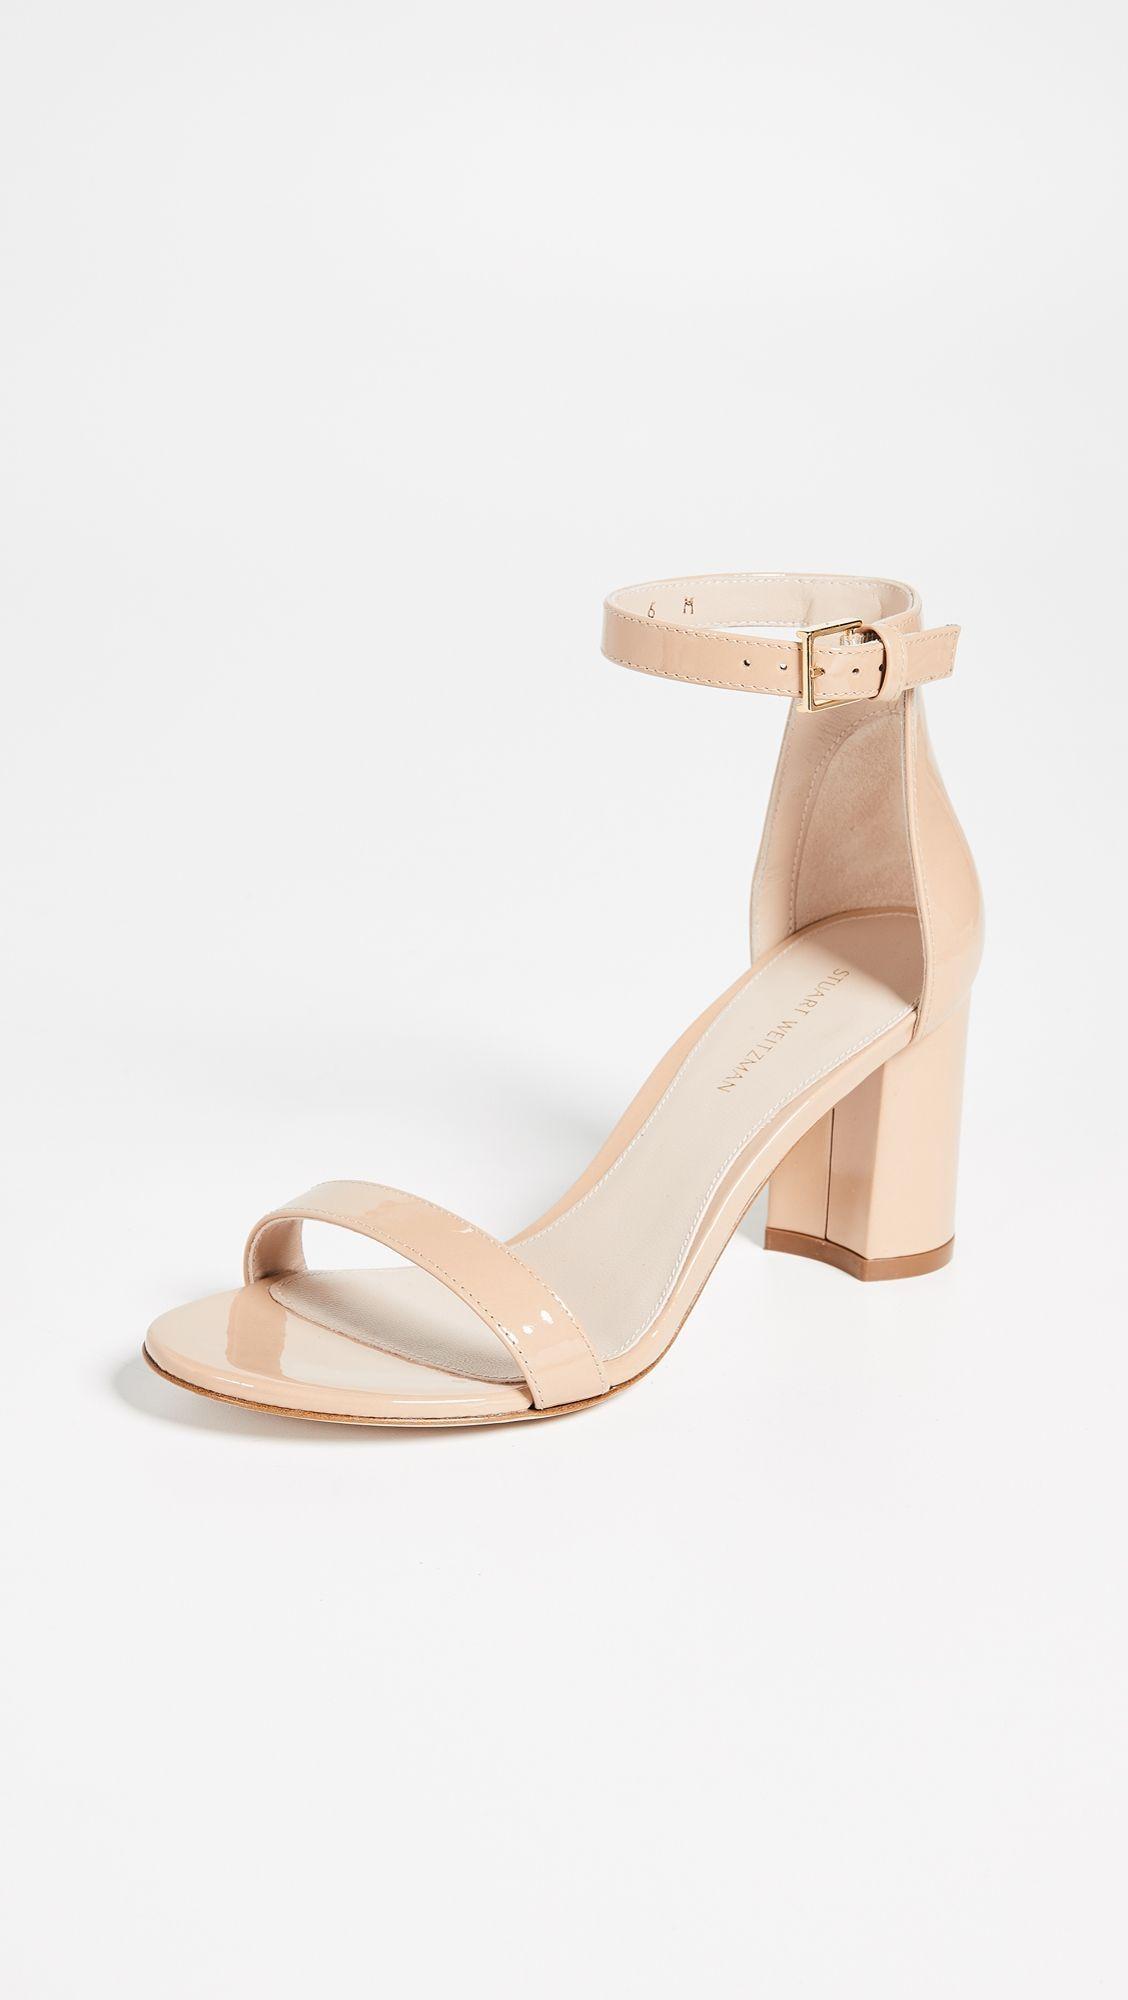 01c8b8cdee8b4 Stuart Weitzman 75mm Less Nudist Sandals